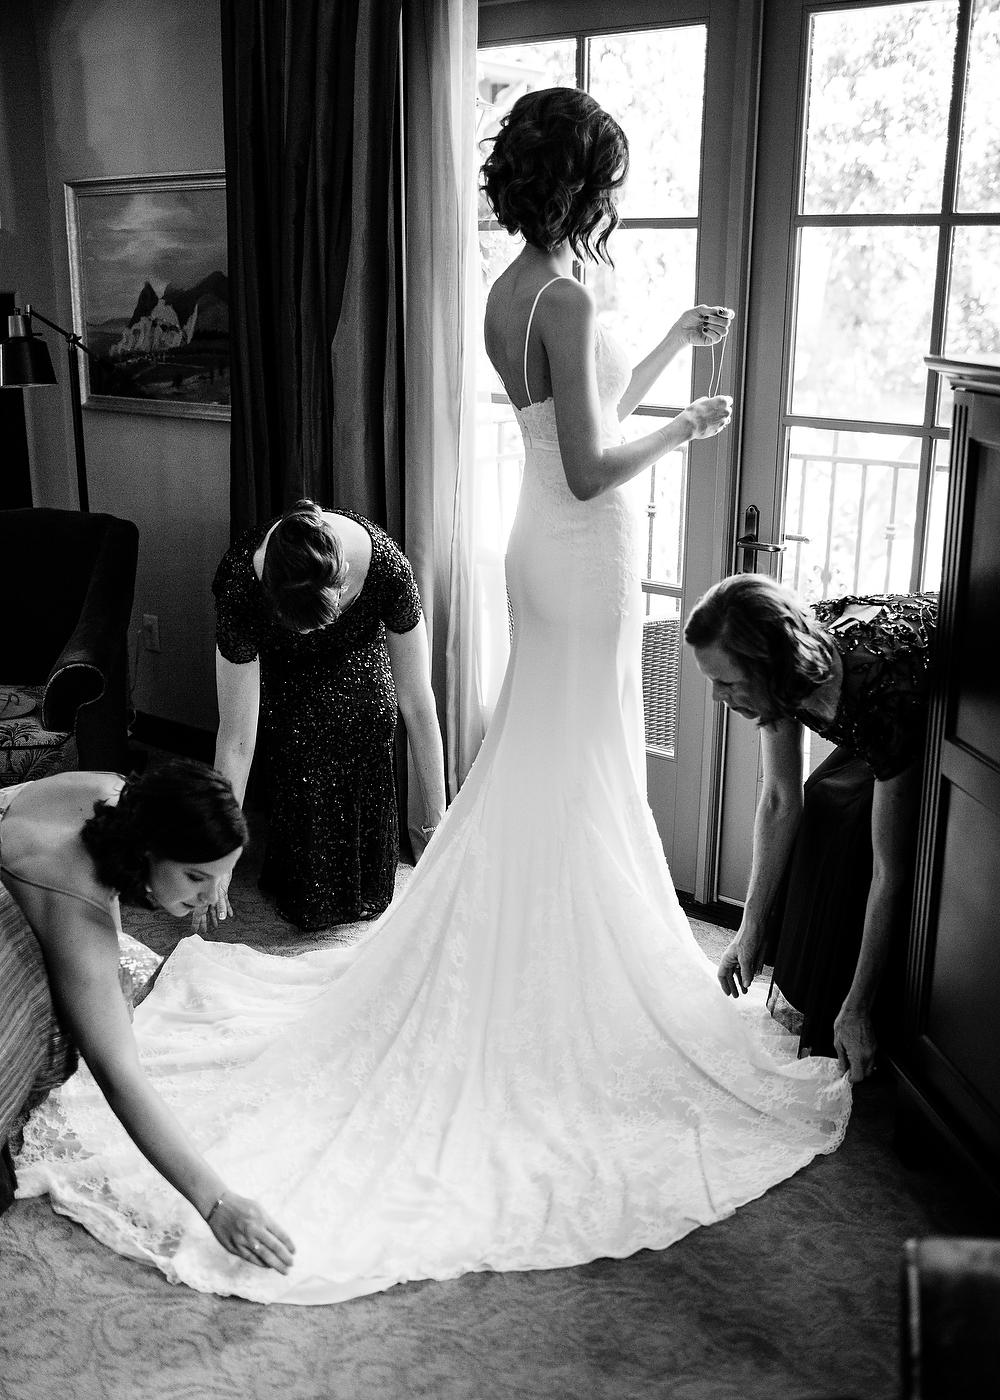 San Francisco Bay Area Wedding Photographer Regale Los Gatos 0014.JPG